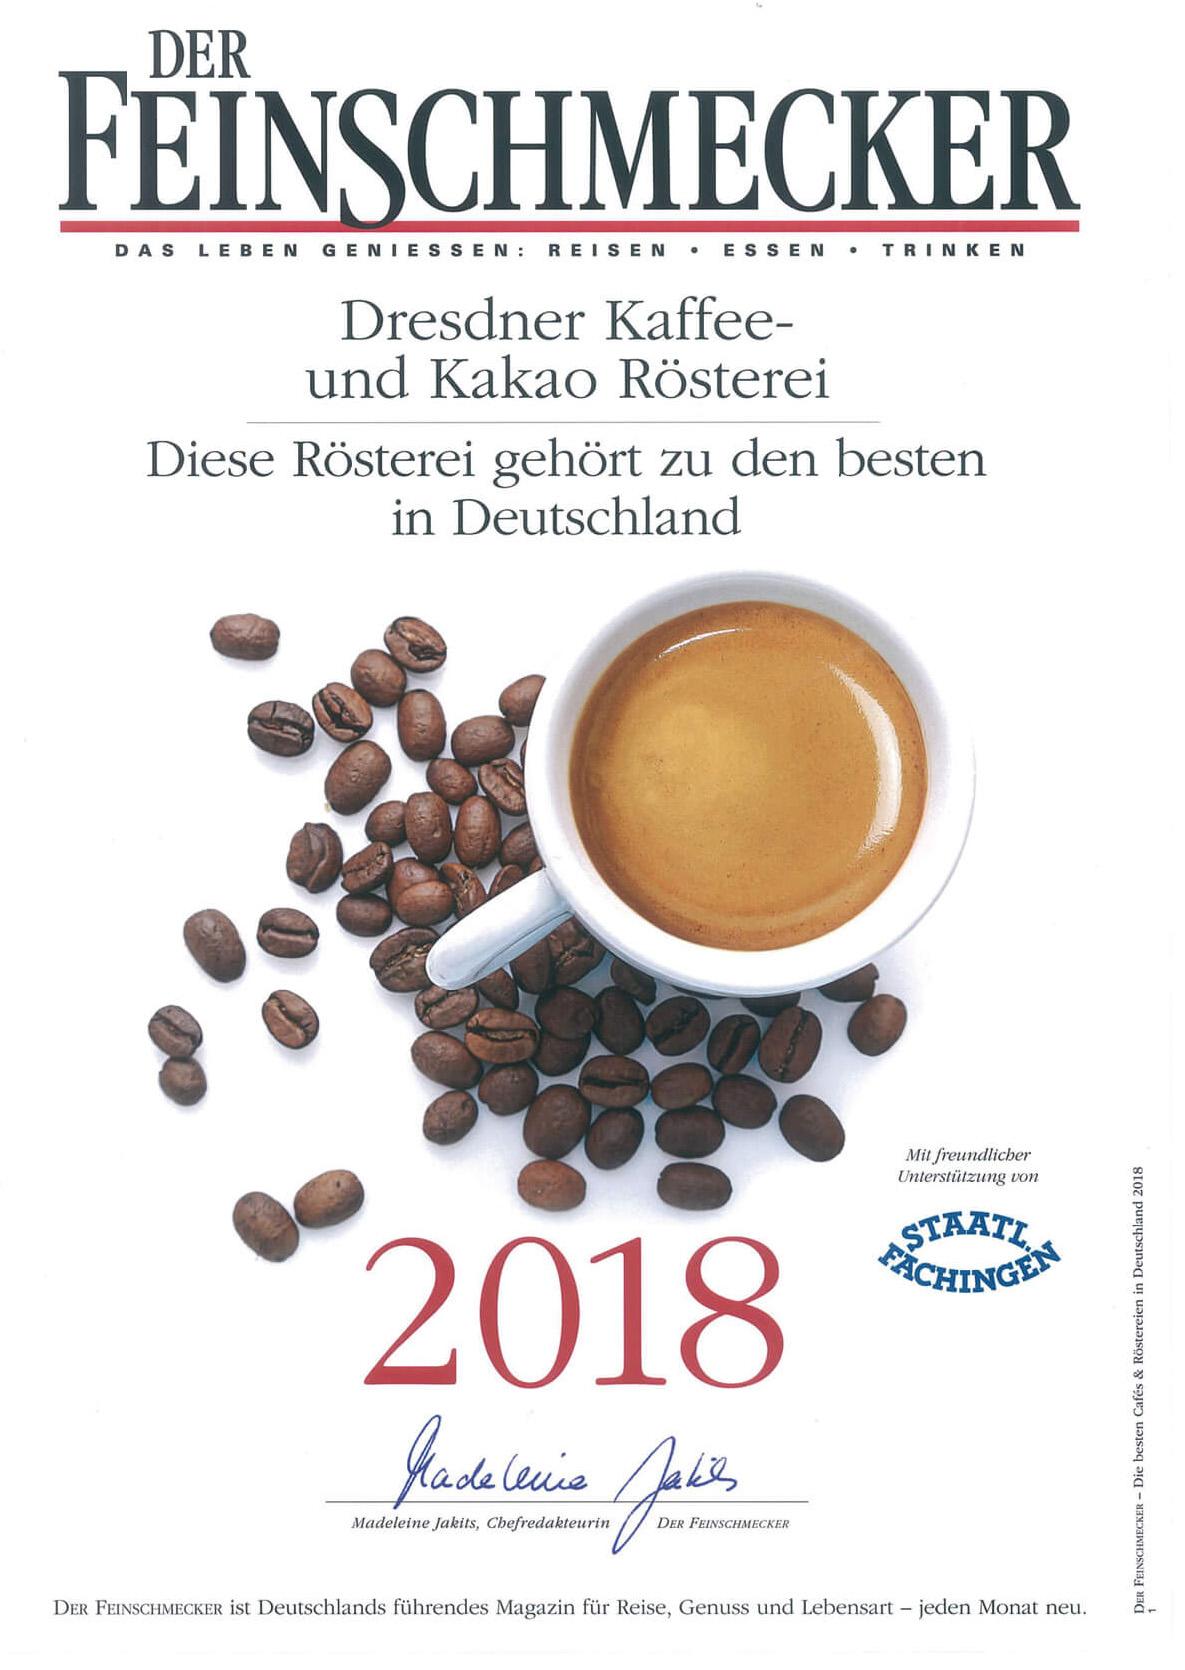 Feinschmecker_2018_DD_zusatz